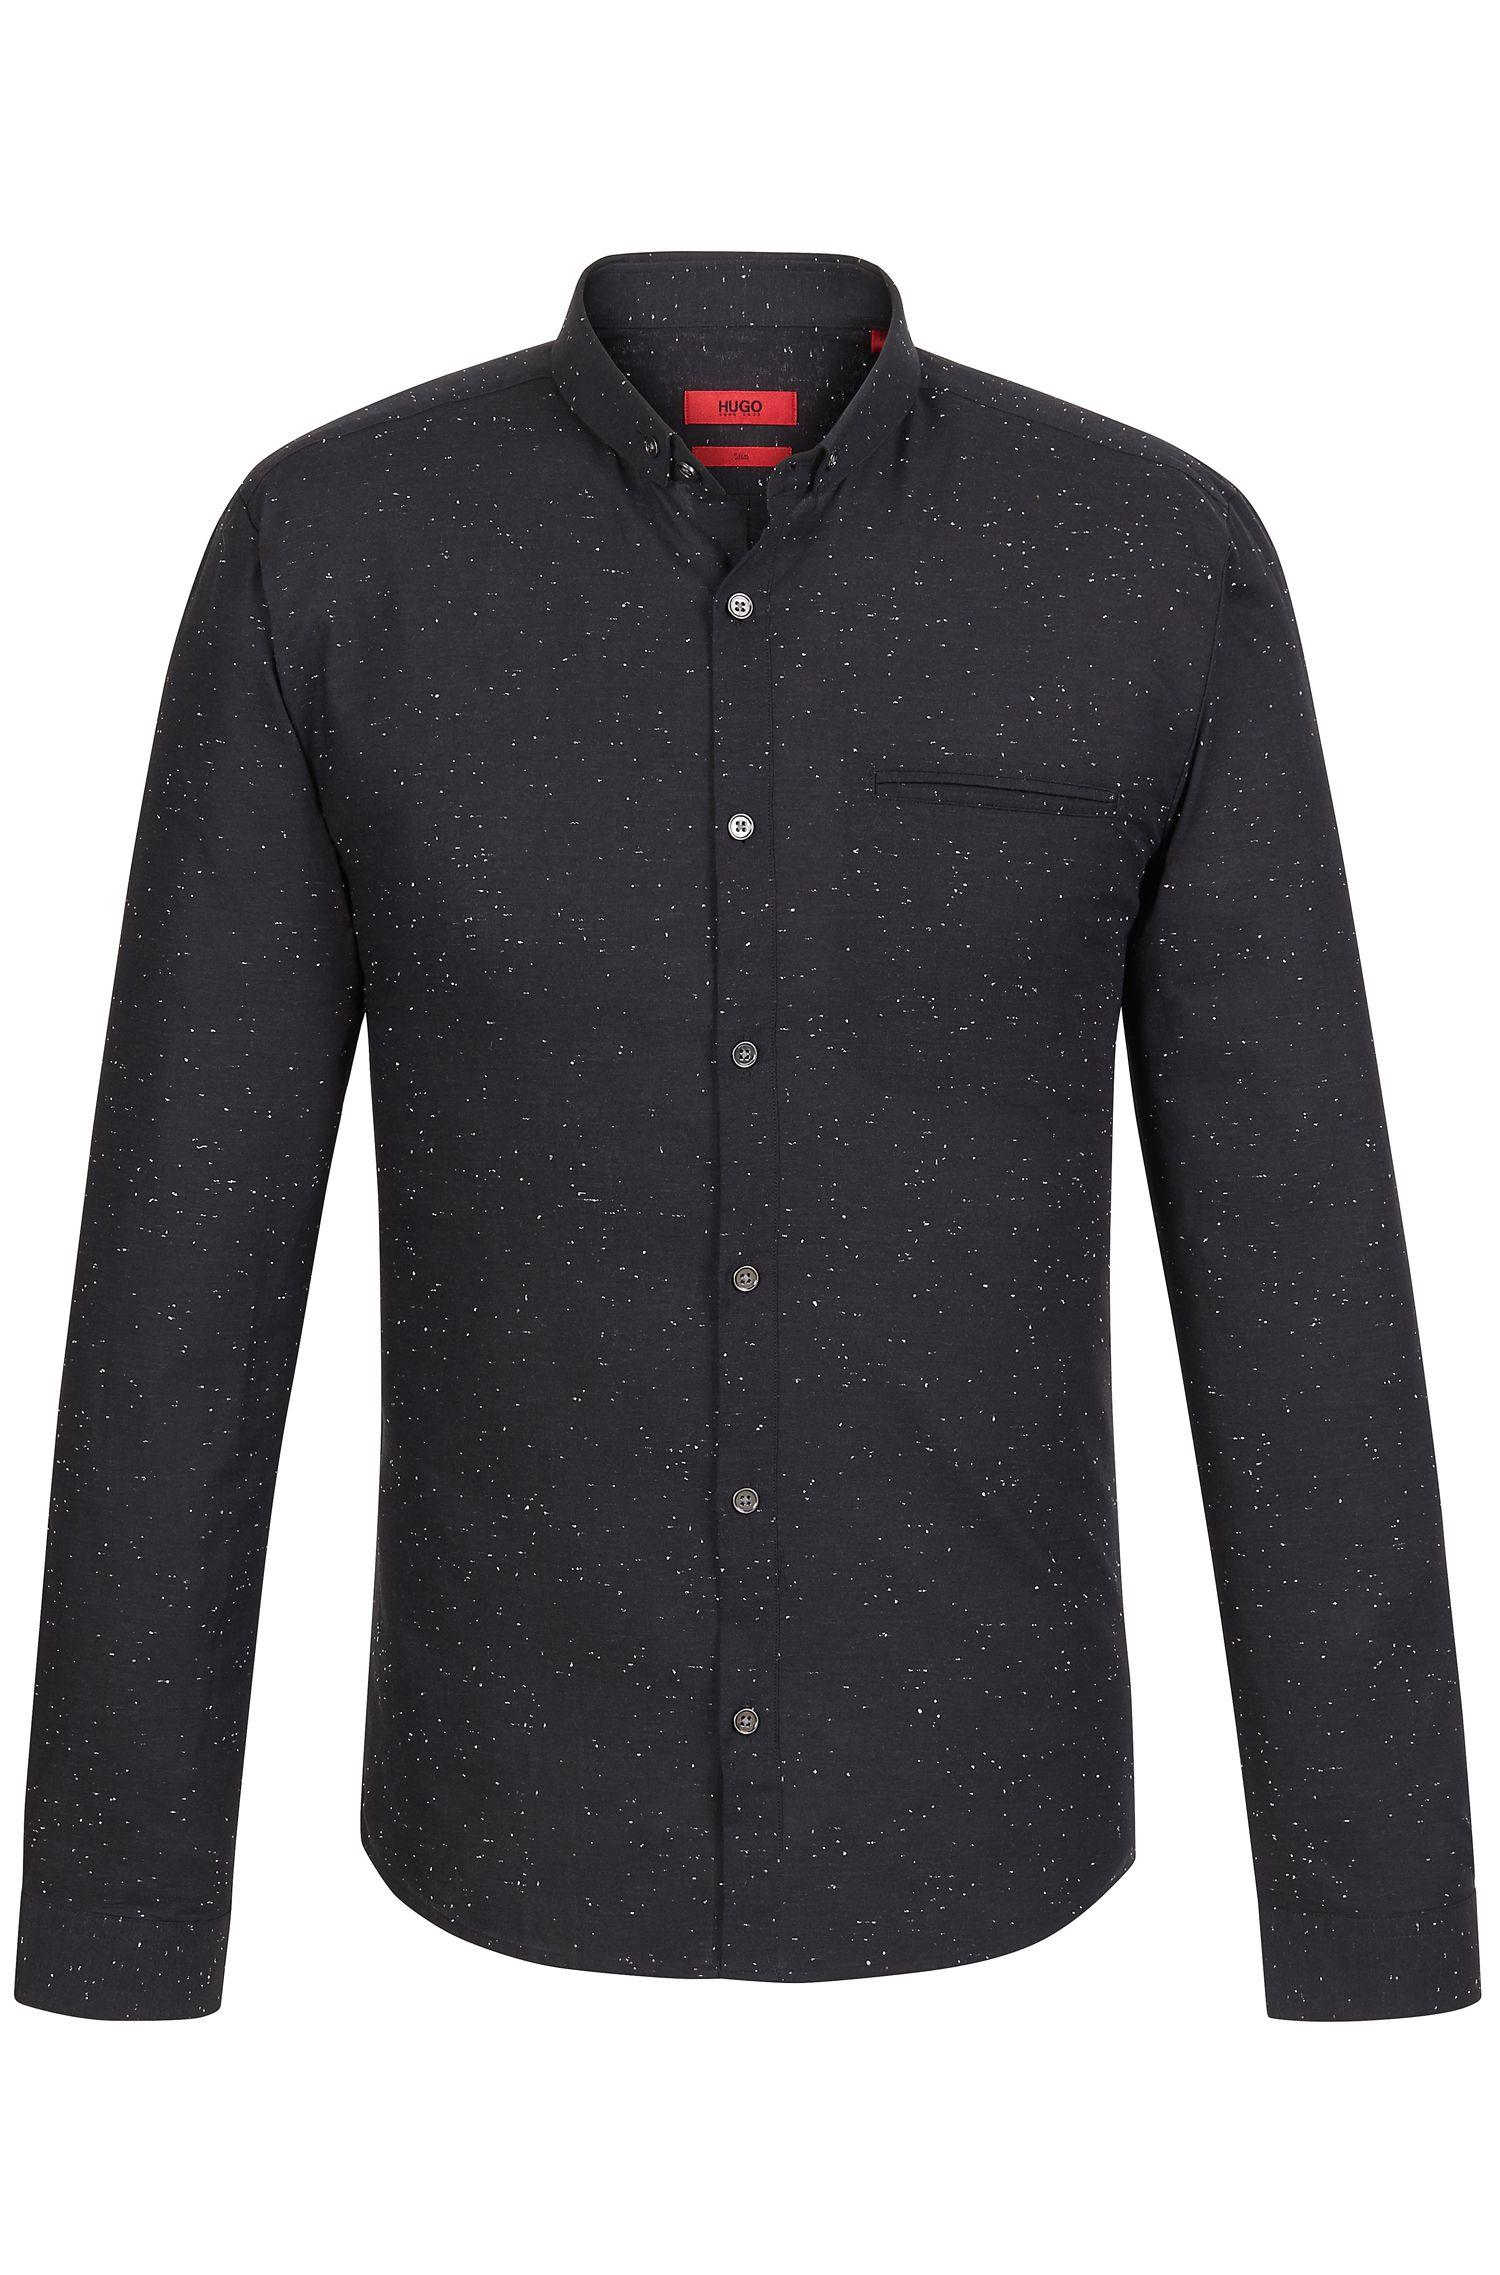 'Elden' | Slim Fit, Cotton Speckled Button Down Shirt